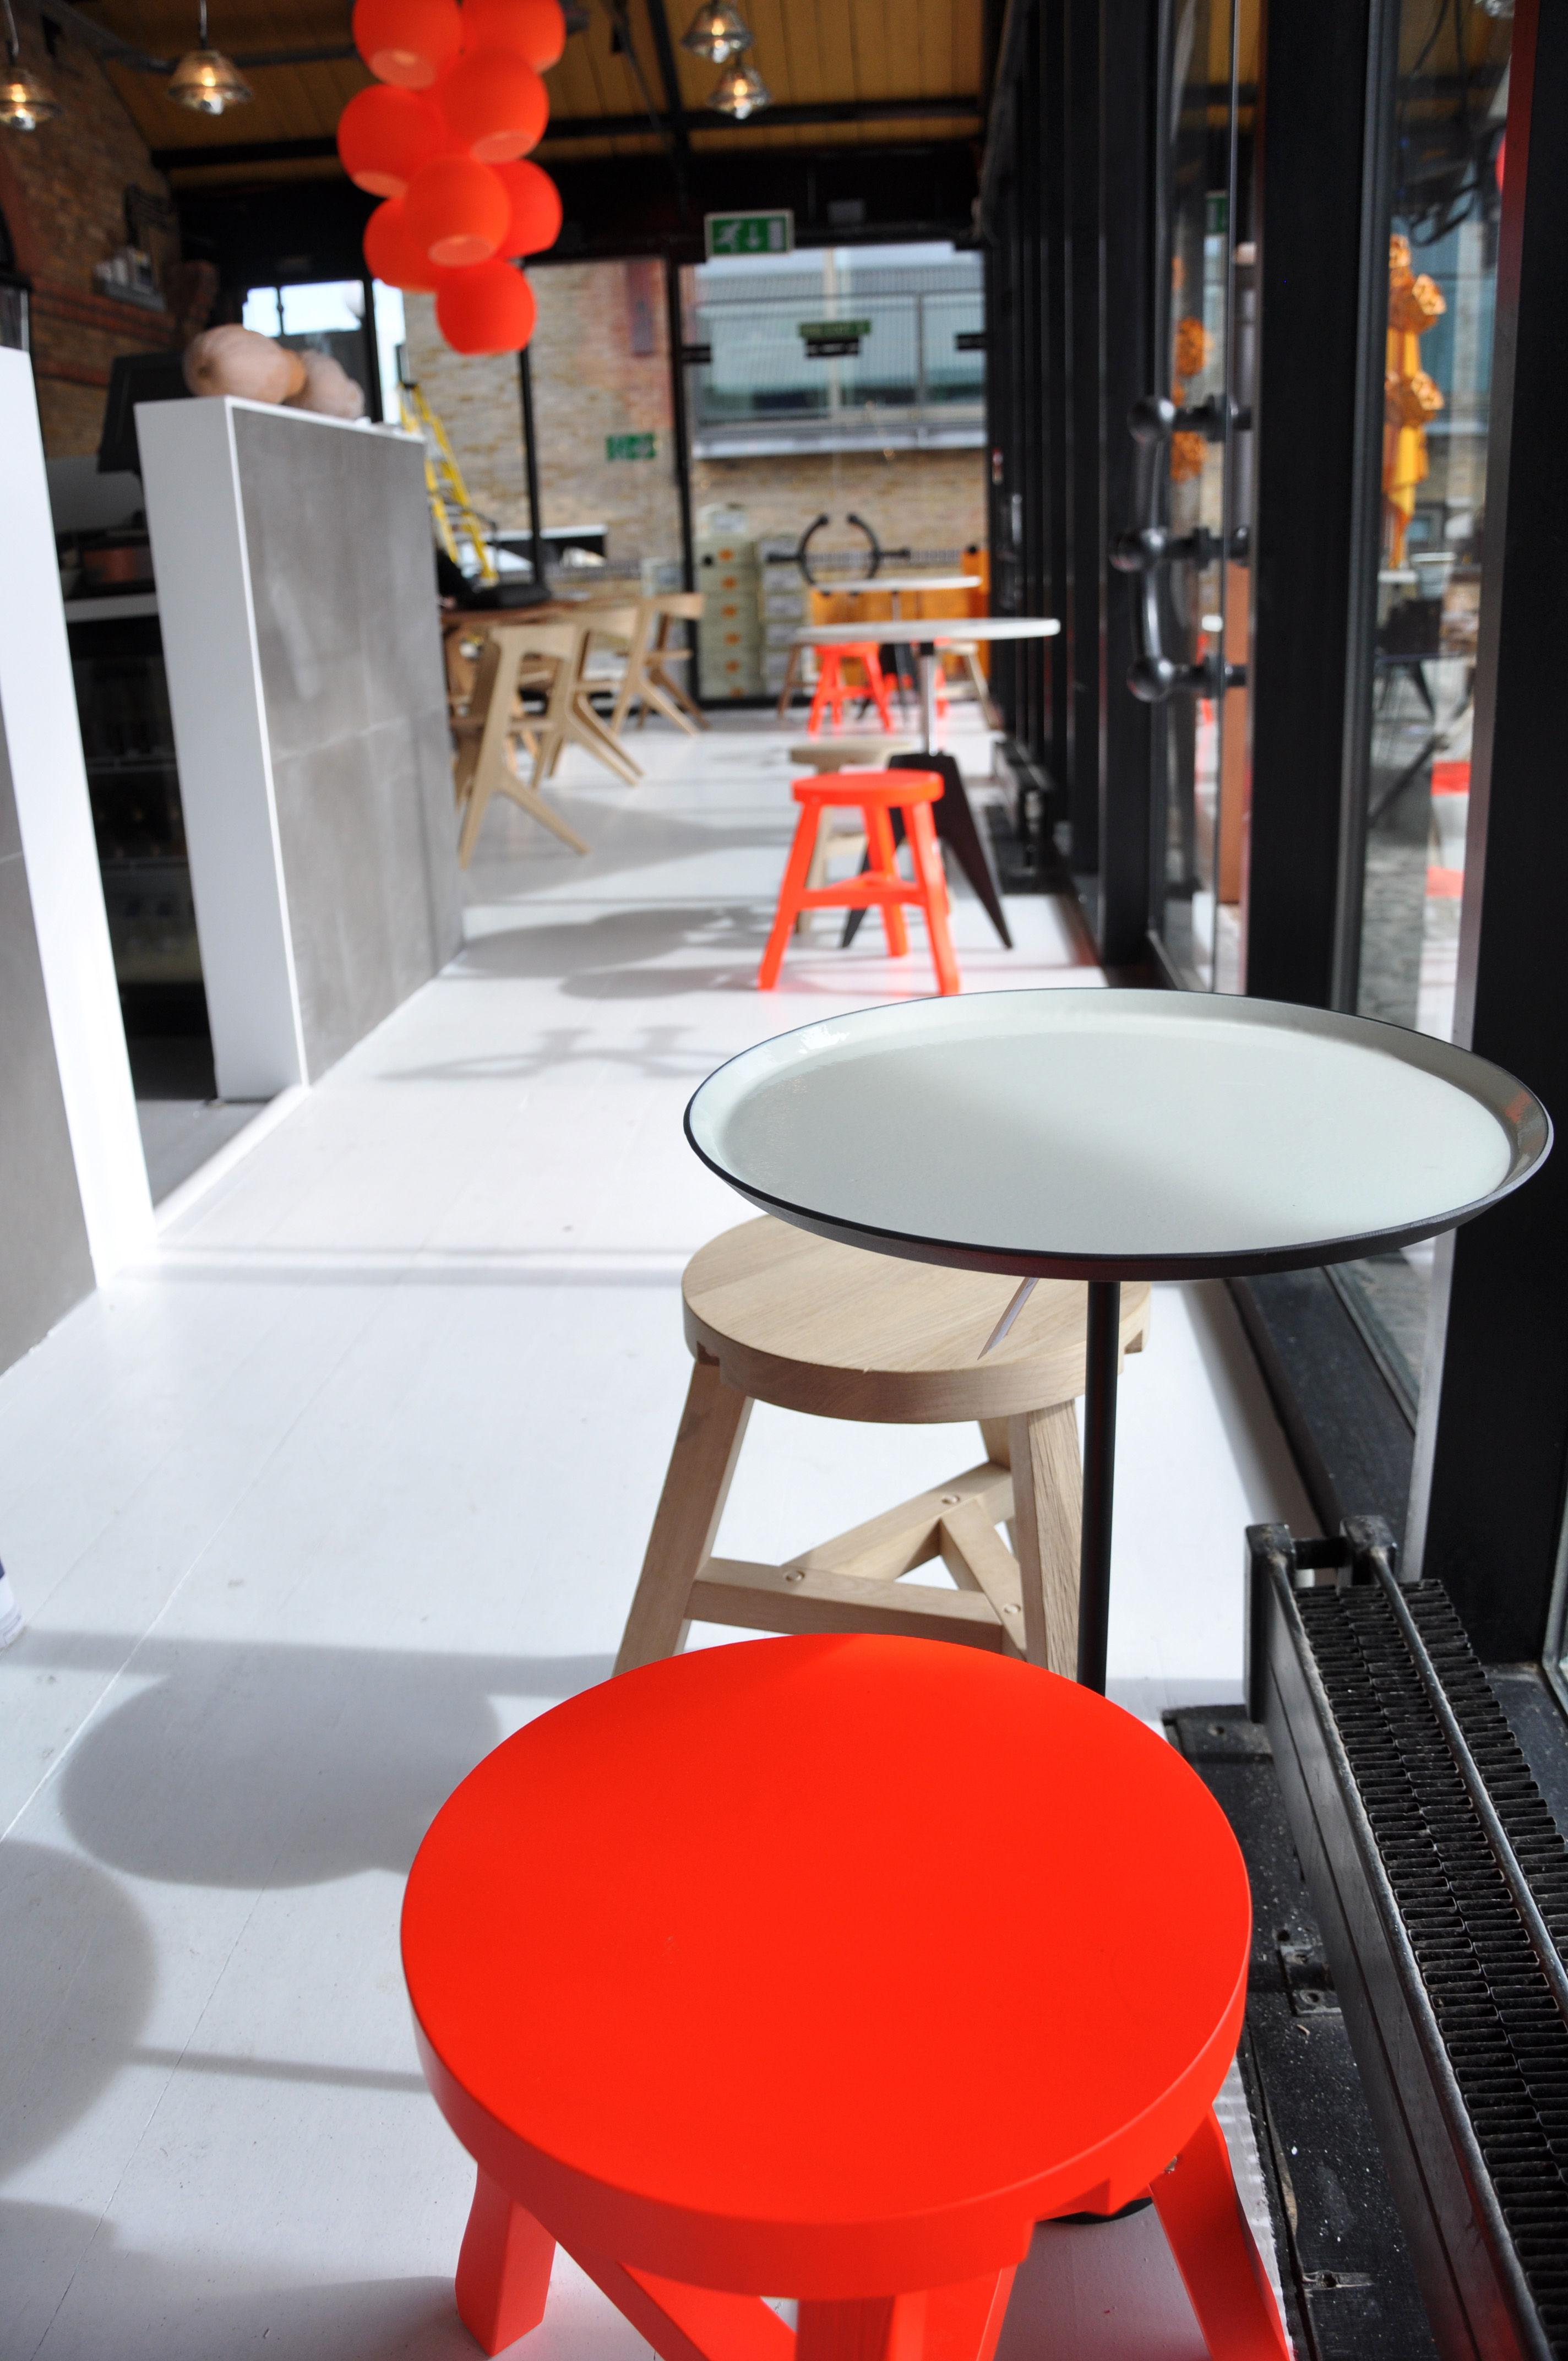 Tom Dixon Lampada Fluoro : Suspension fluoro orange fluo tom dixon made in design